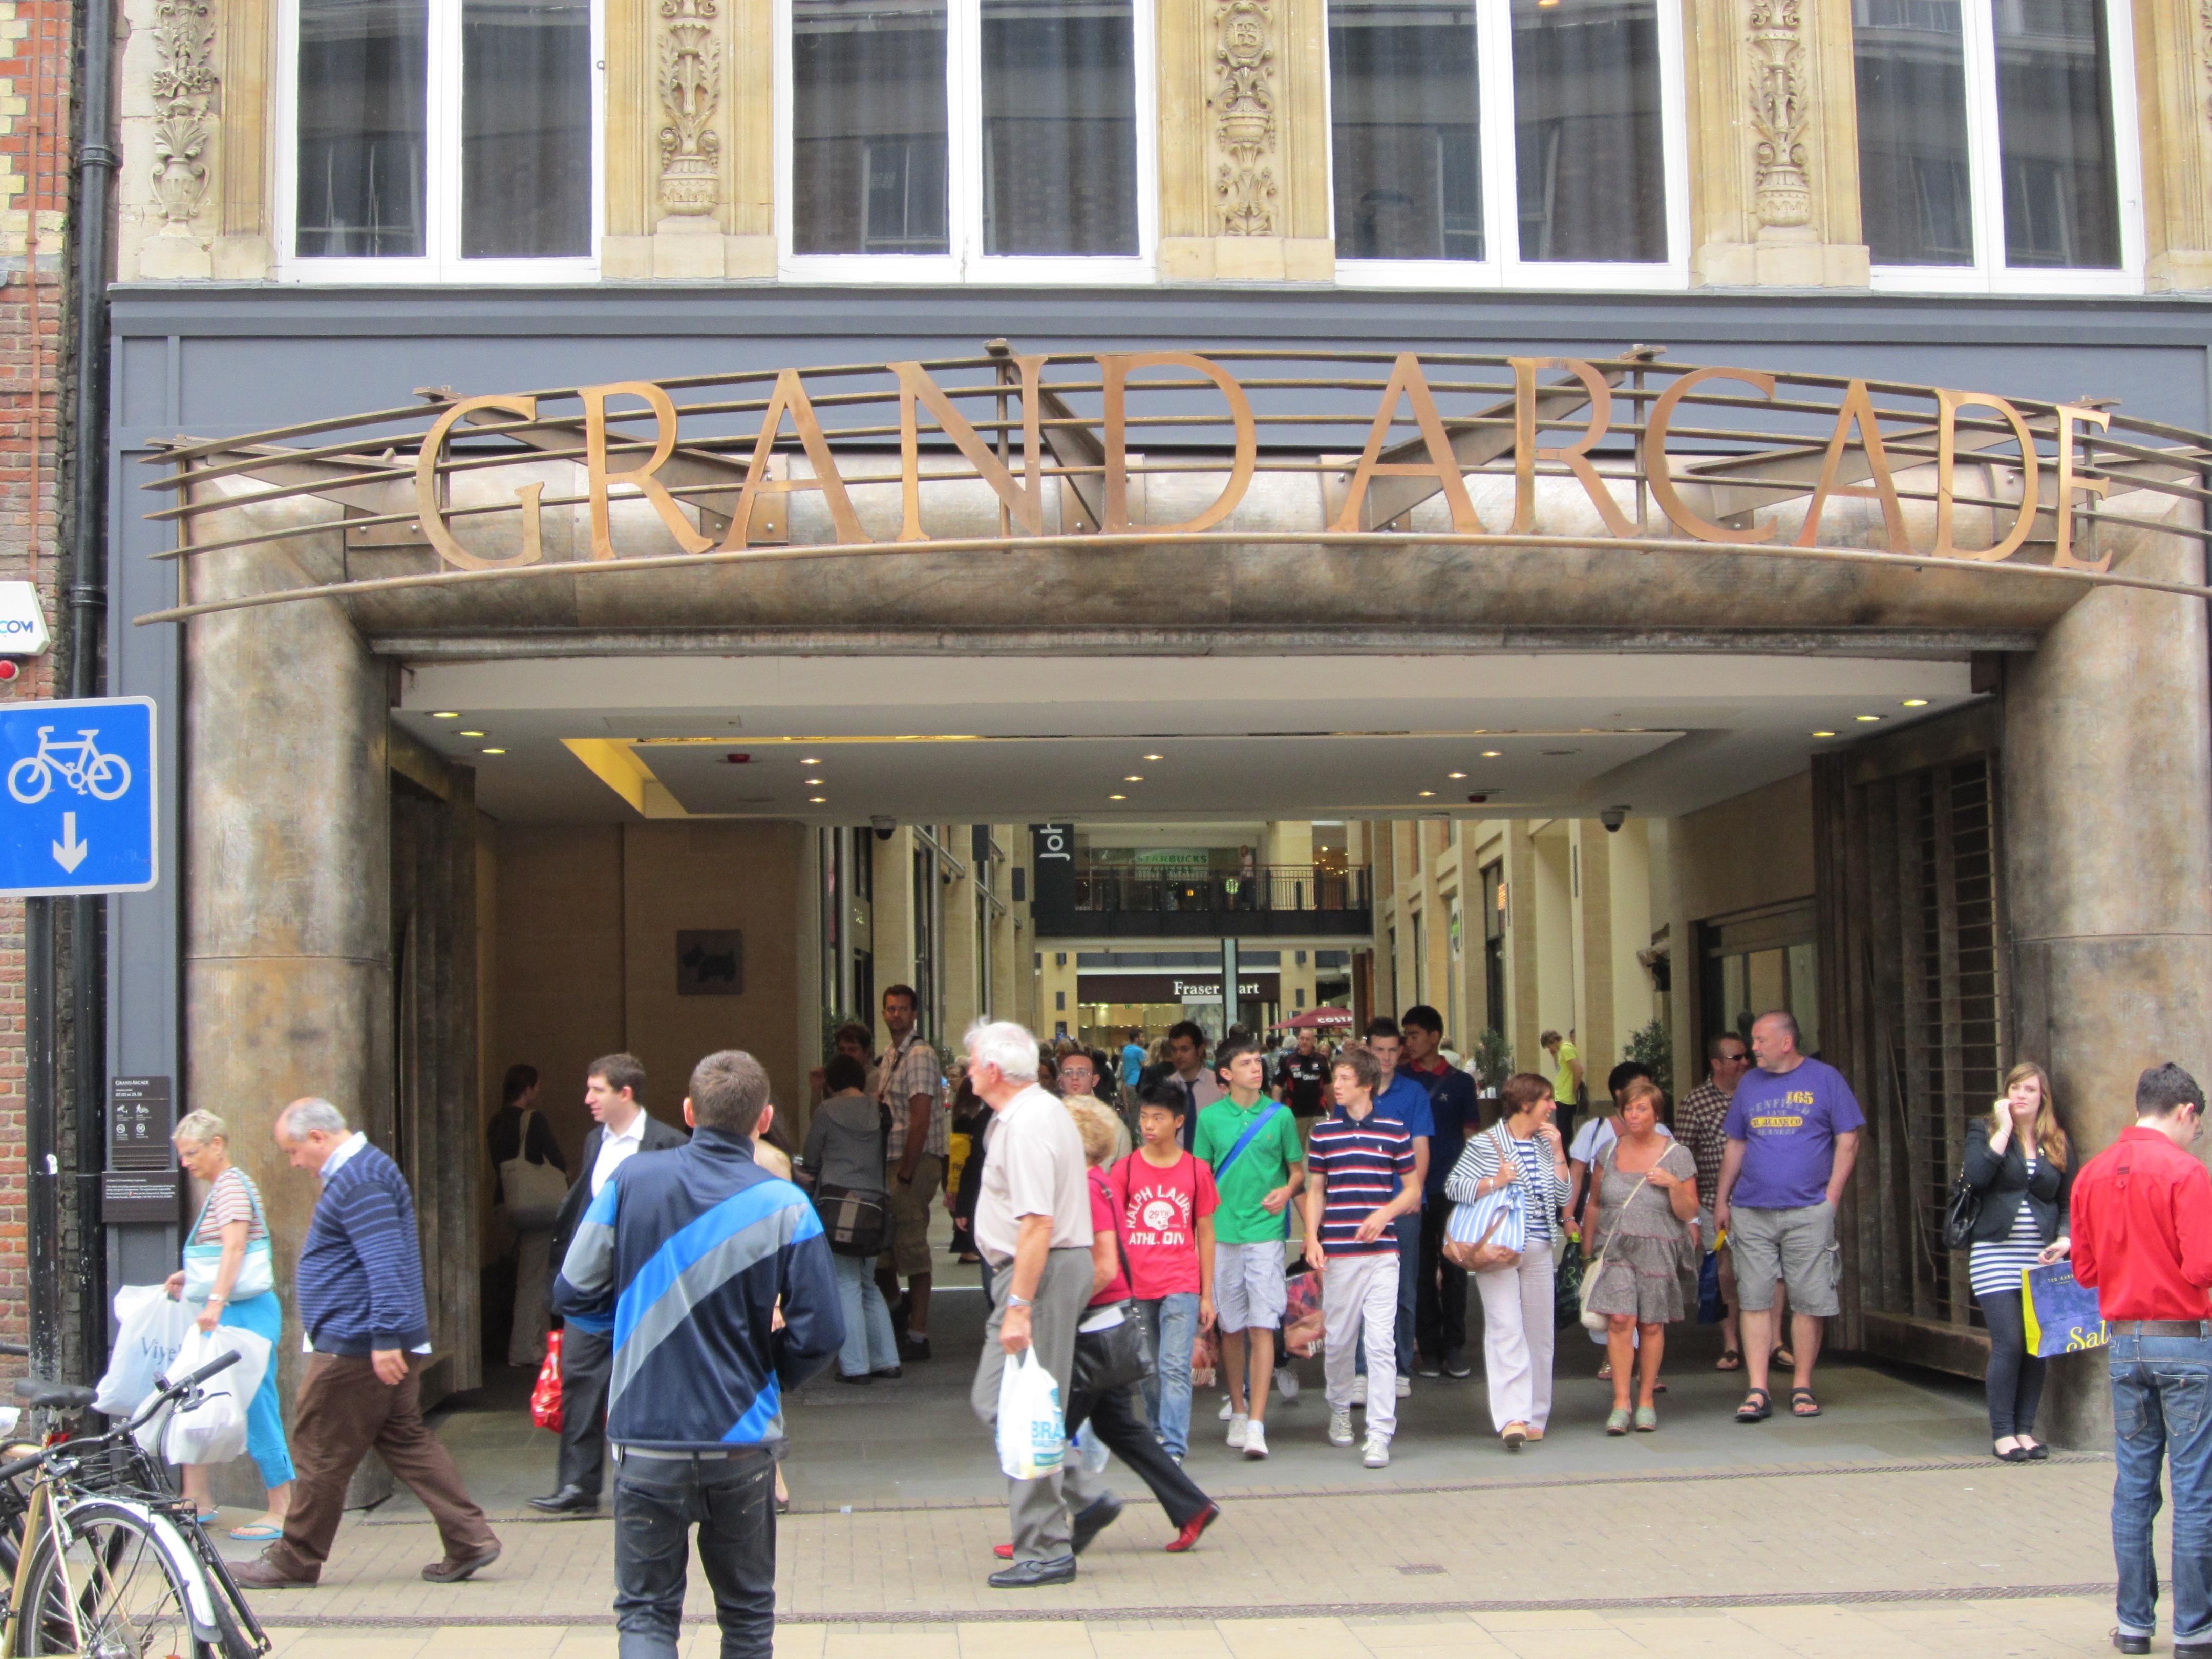 FileGrand Arcade Entrance Cambridge England IMG 0622